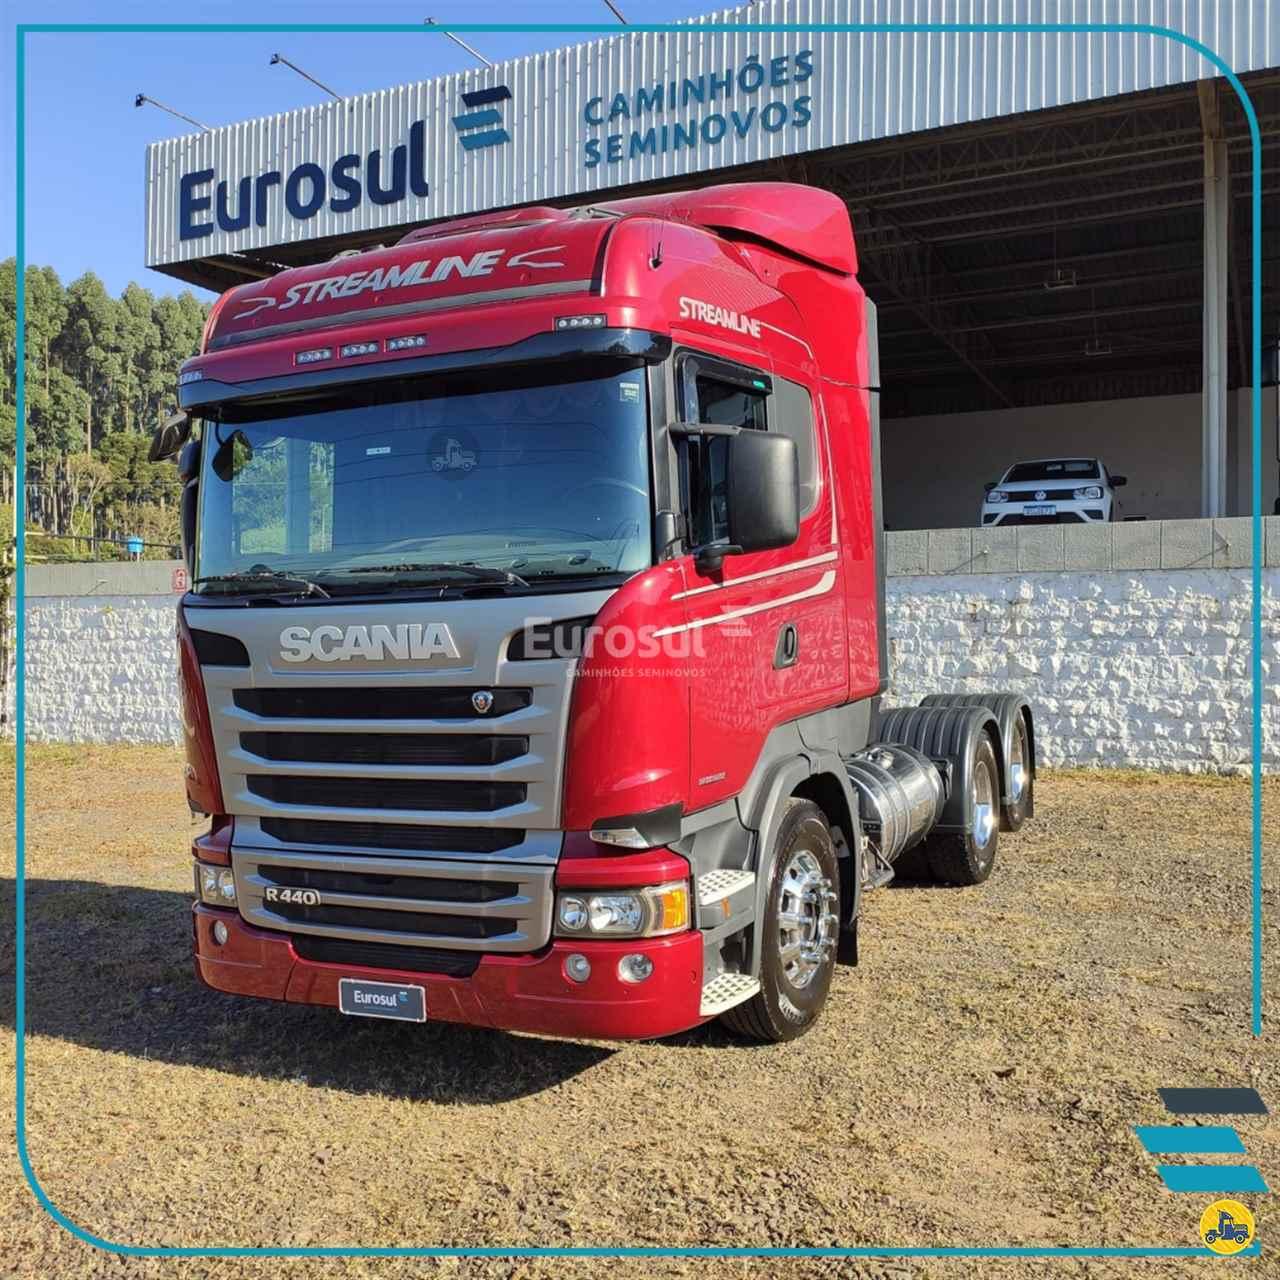 CAMINHAO SCANIA SCANIA 440 Cavalo Mecânico Truck 6x2 Eurosul Caminhões Seminovos CONCORDIA SANTA CATARINA SC